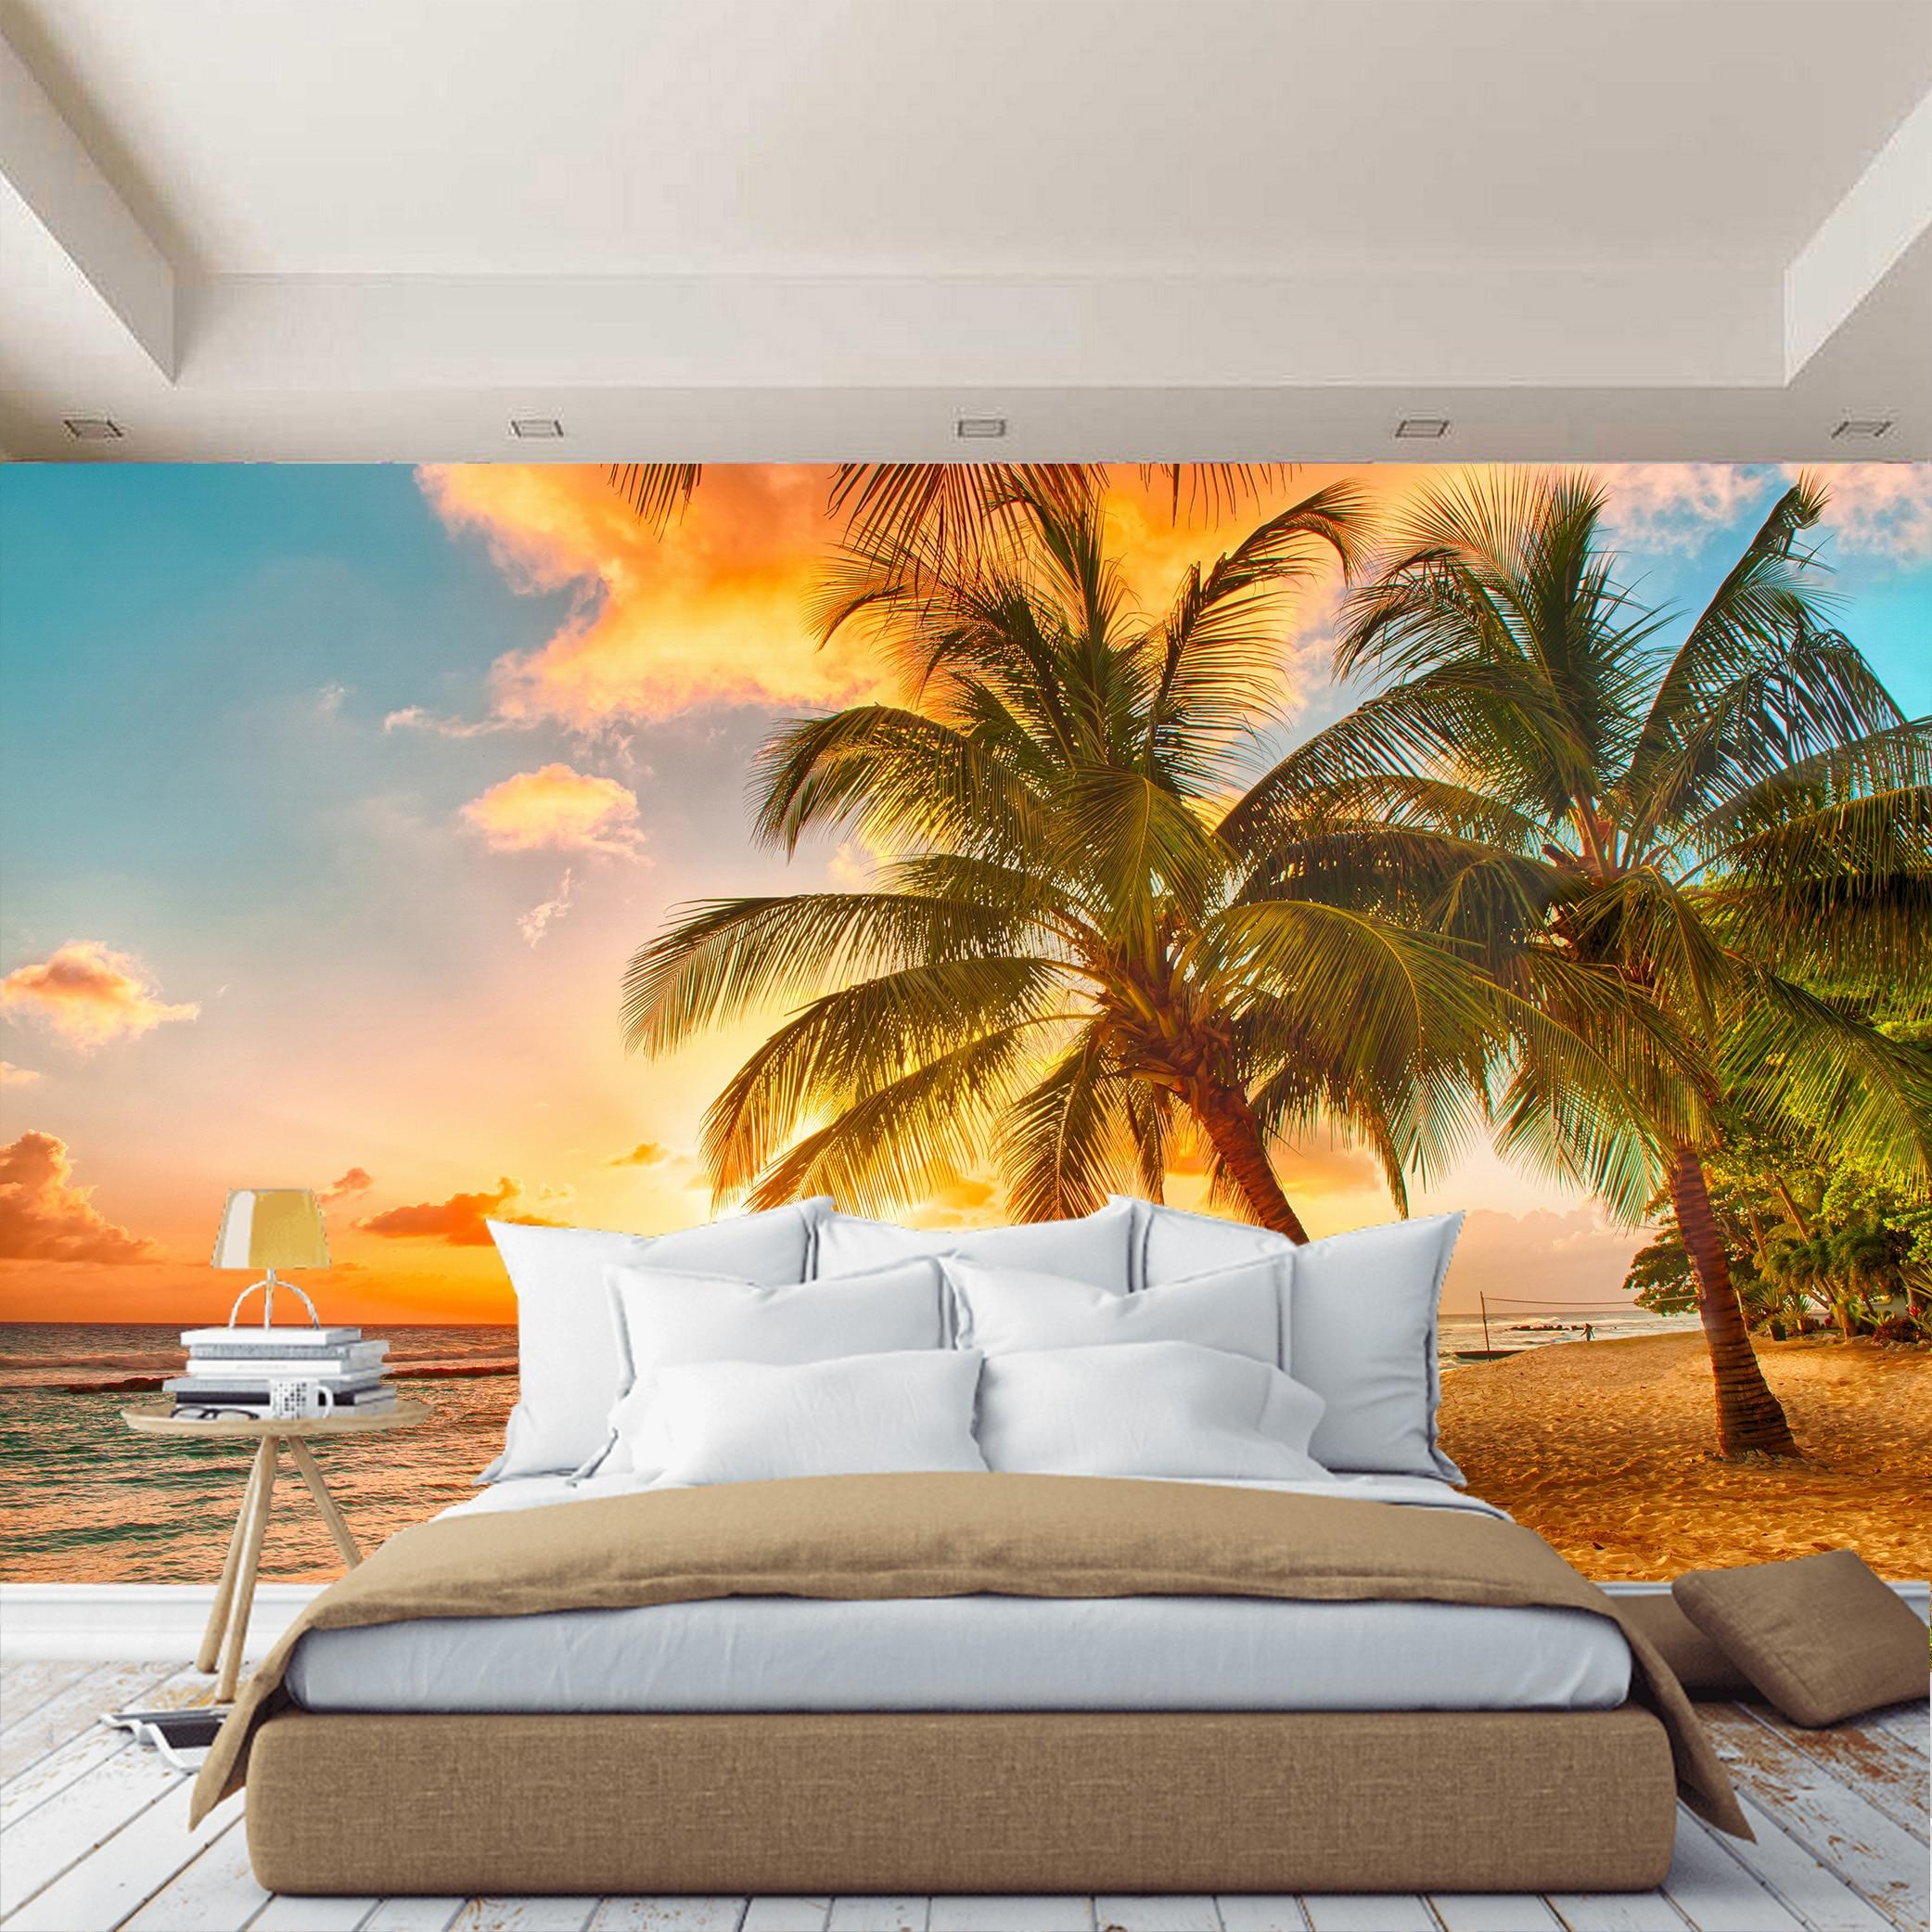 3D Photo papier peint coucher de soleil sur la plage, mer sable palmier, papier peint, hall, cuisine, chambre photo papier peint améliorer l'espace